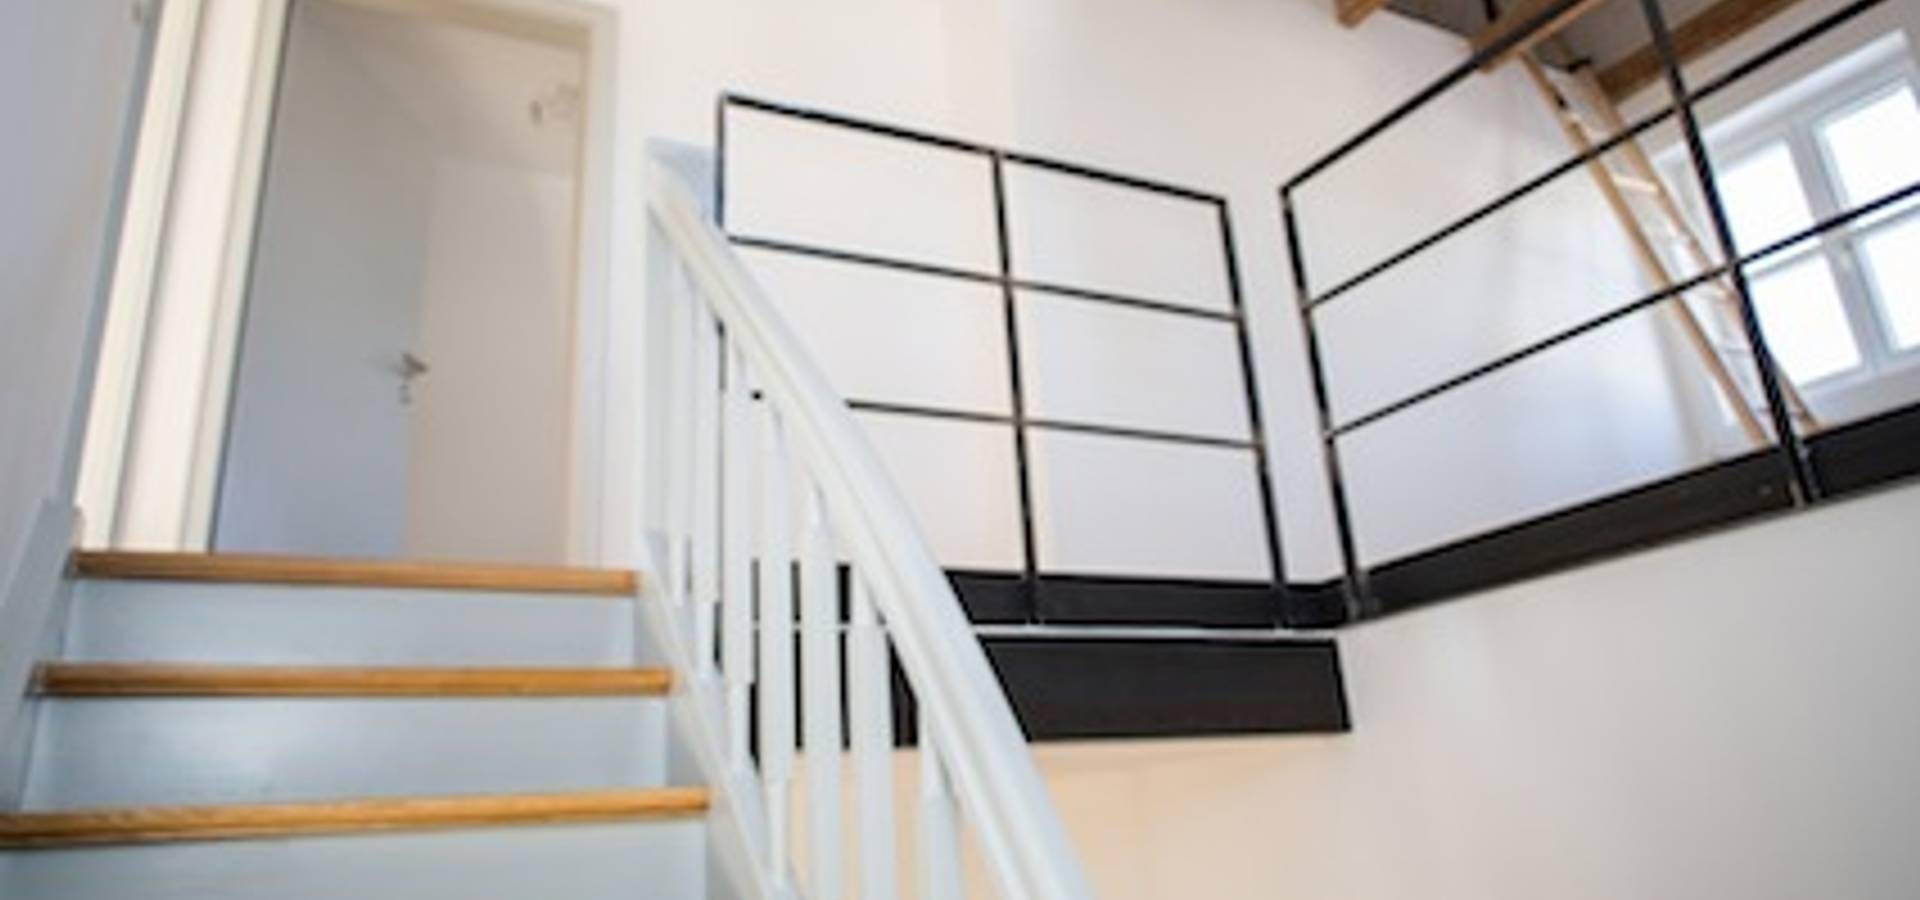 umbau und sanierung siedlerhaus by michael adamczyk. Black Bedroom Furniture Sets. Home Design Ideas